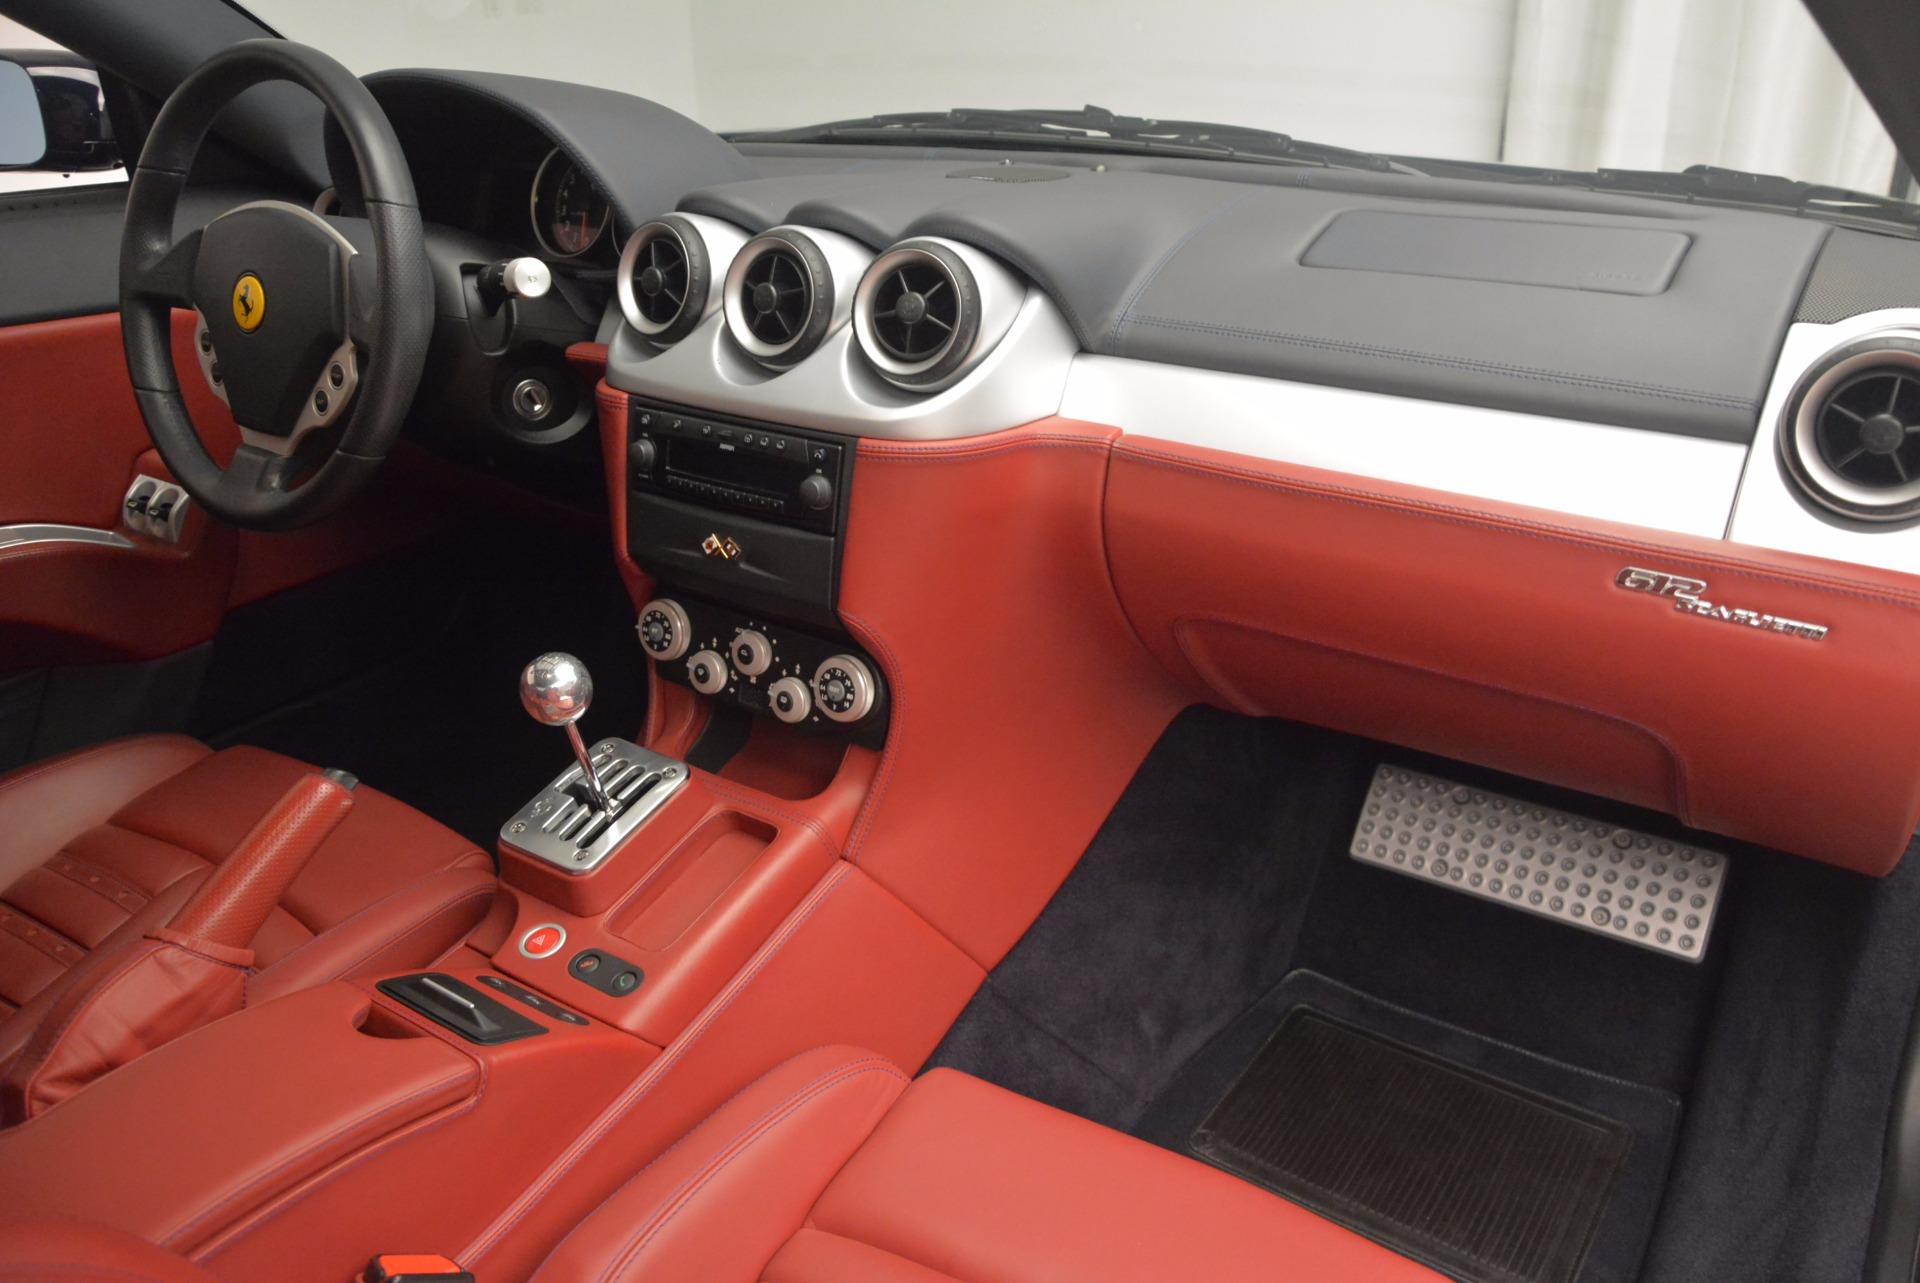 Used 2005 Ferrari 612 Scaglietti 6-Speed Manual For Sale In Greenwich, CT 854_p18